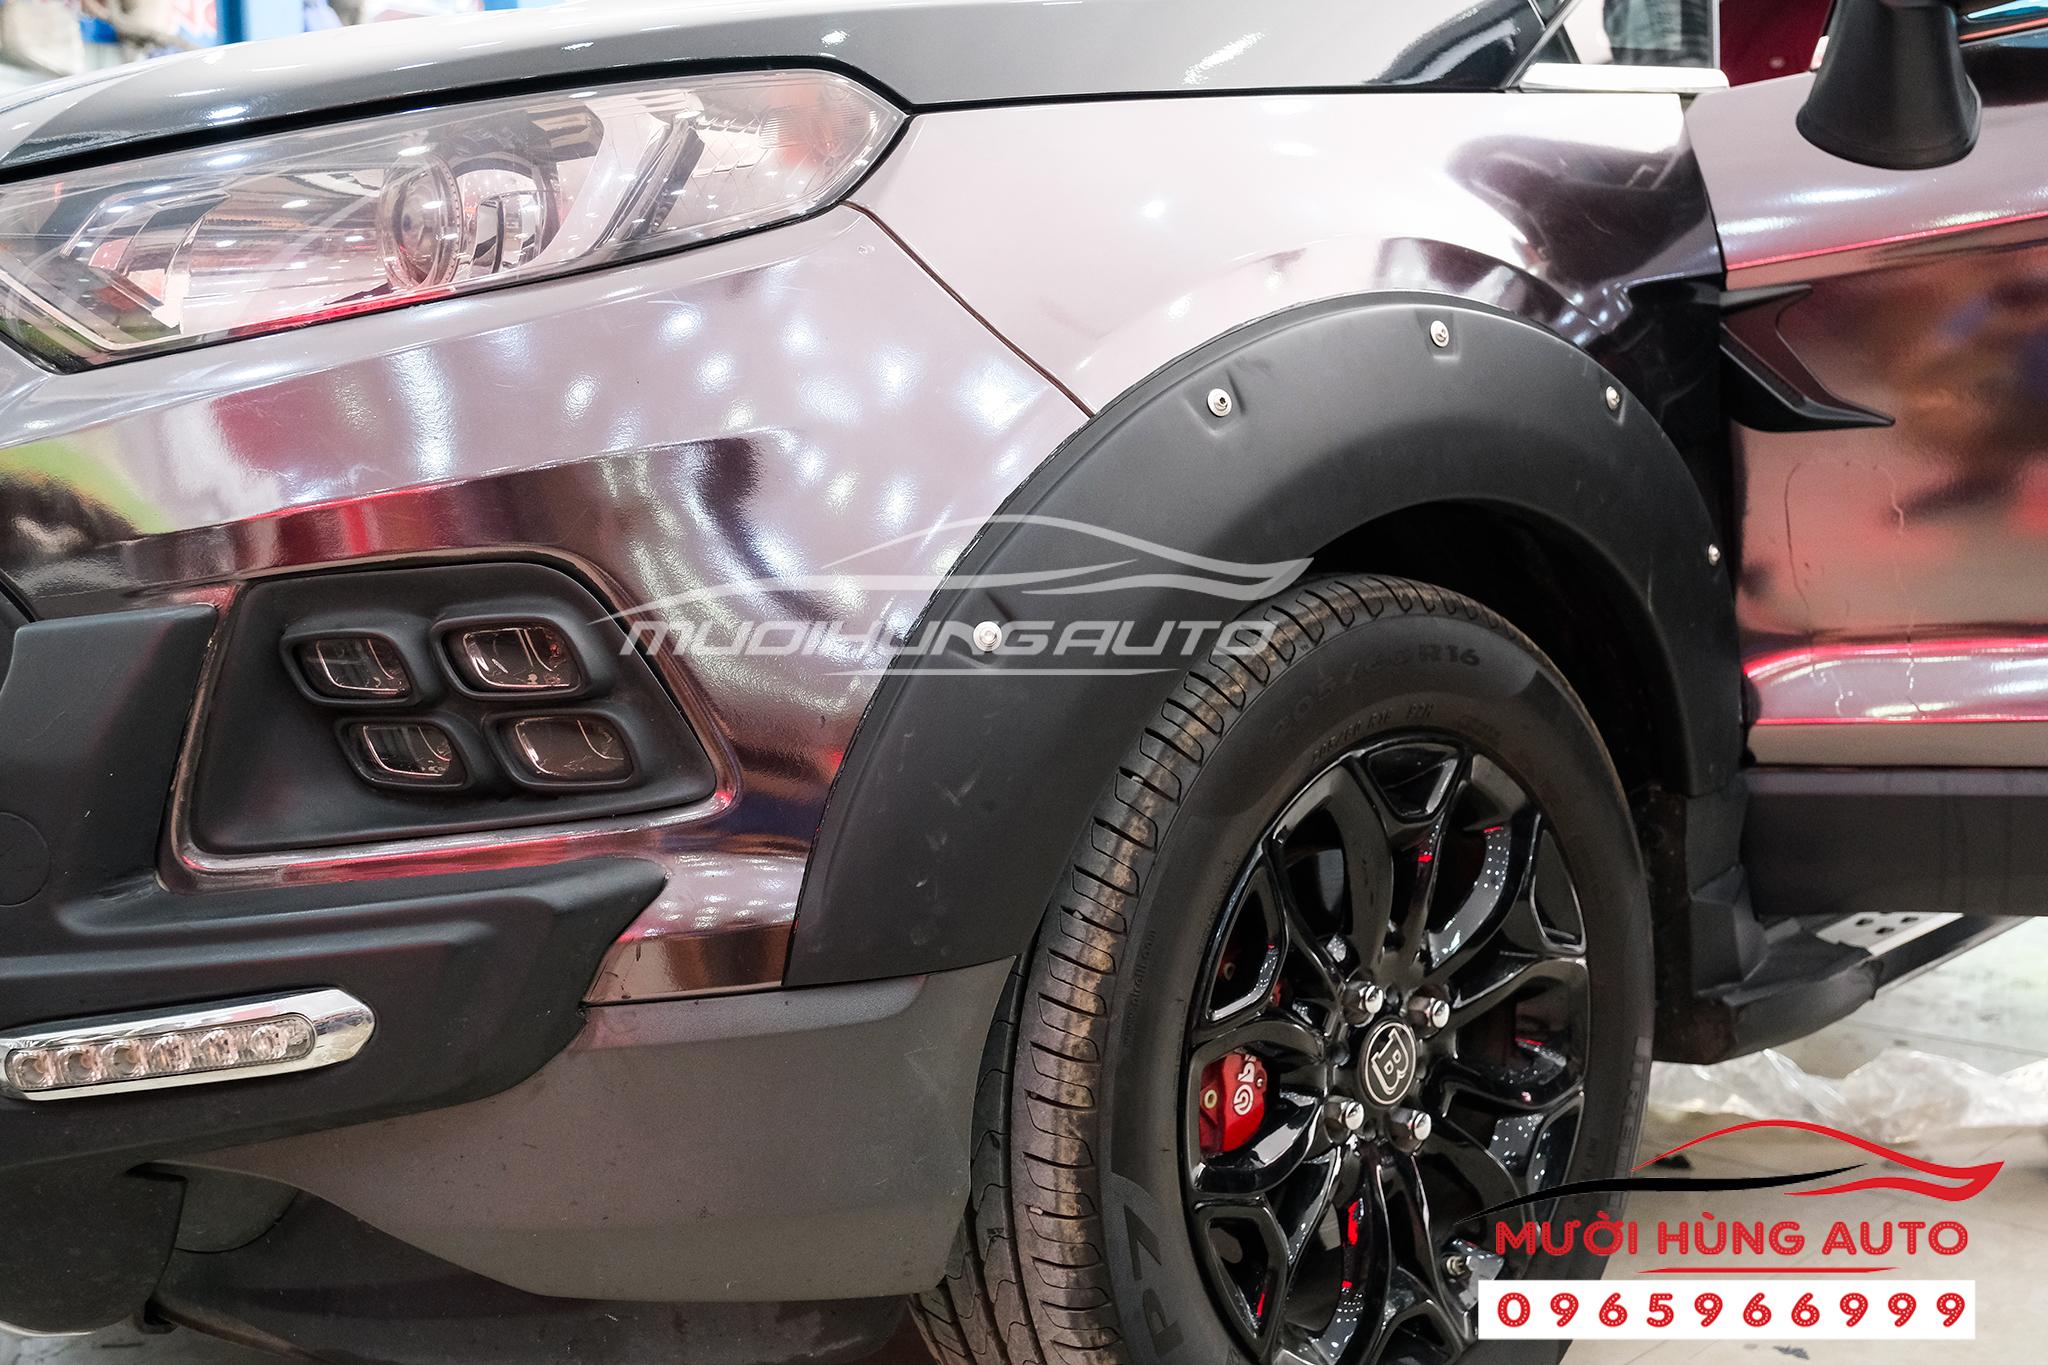 lắp đặt Ốp cua bánh xe Ford Ecosport 2019-2020